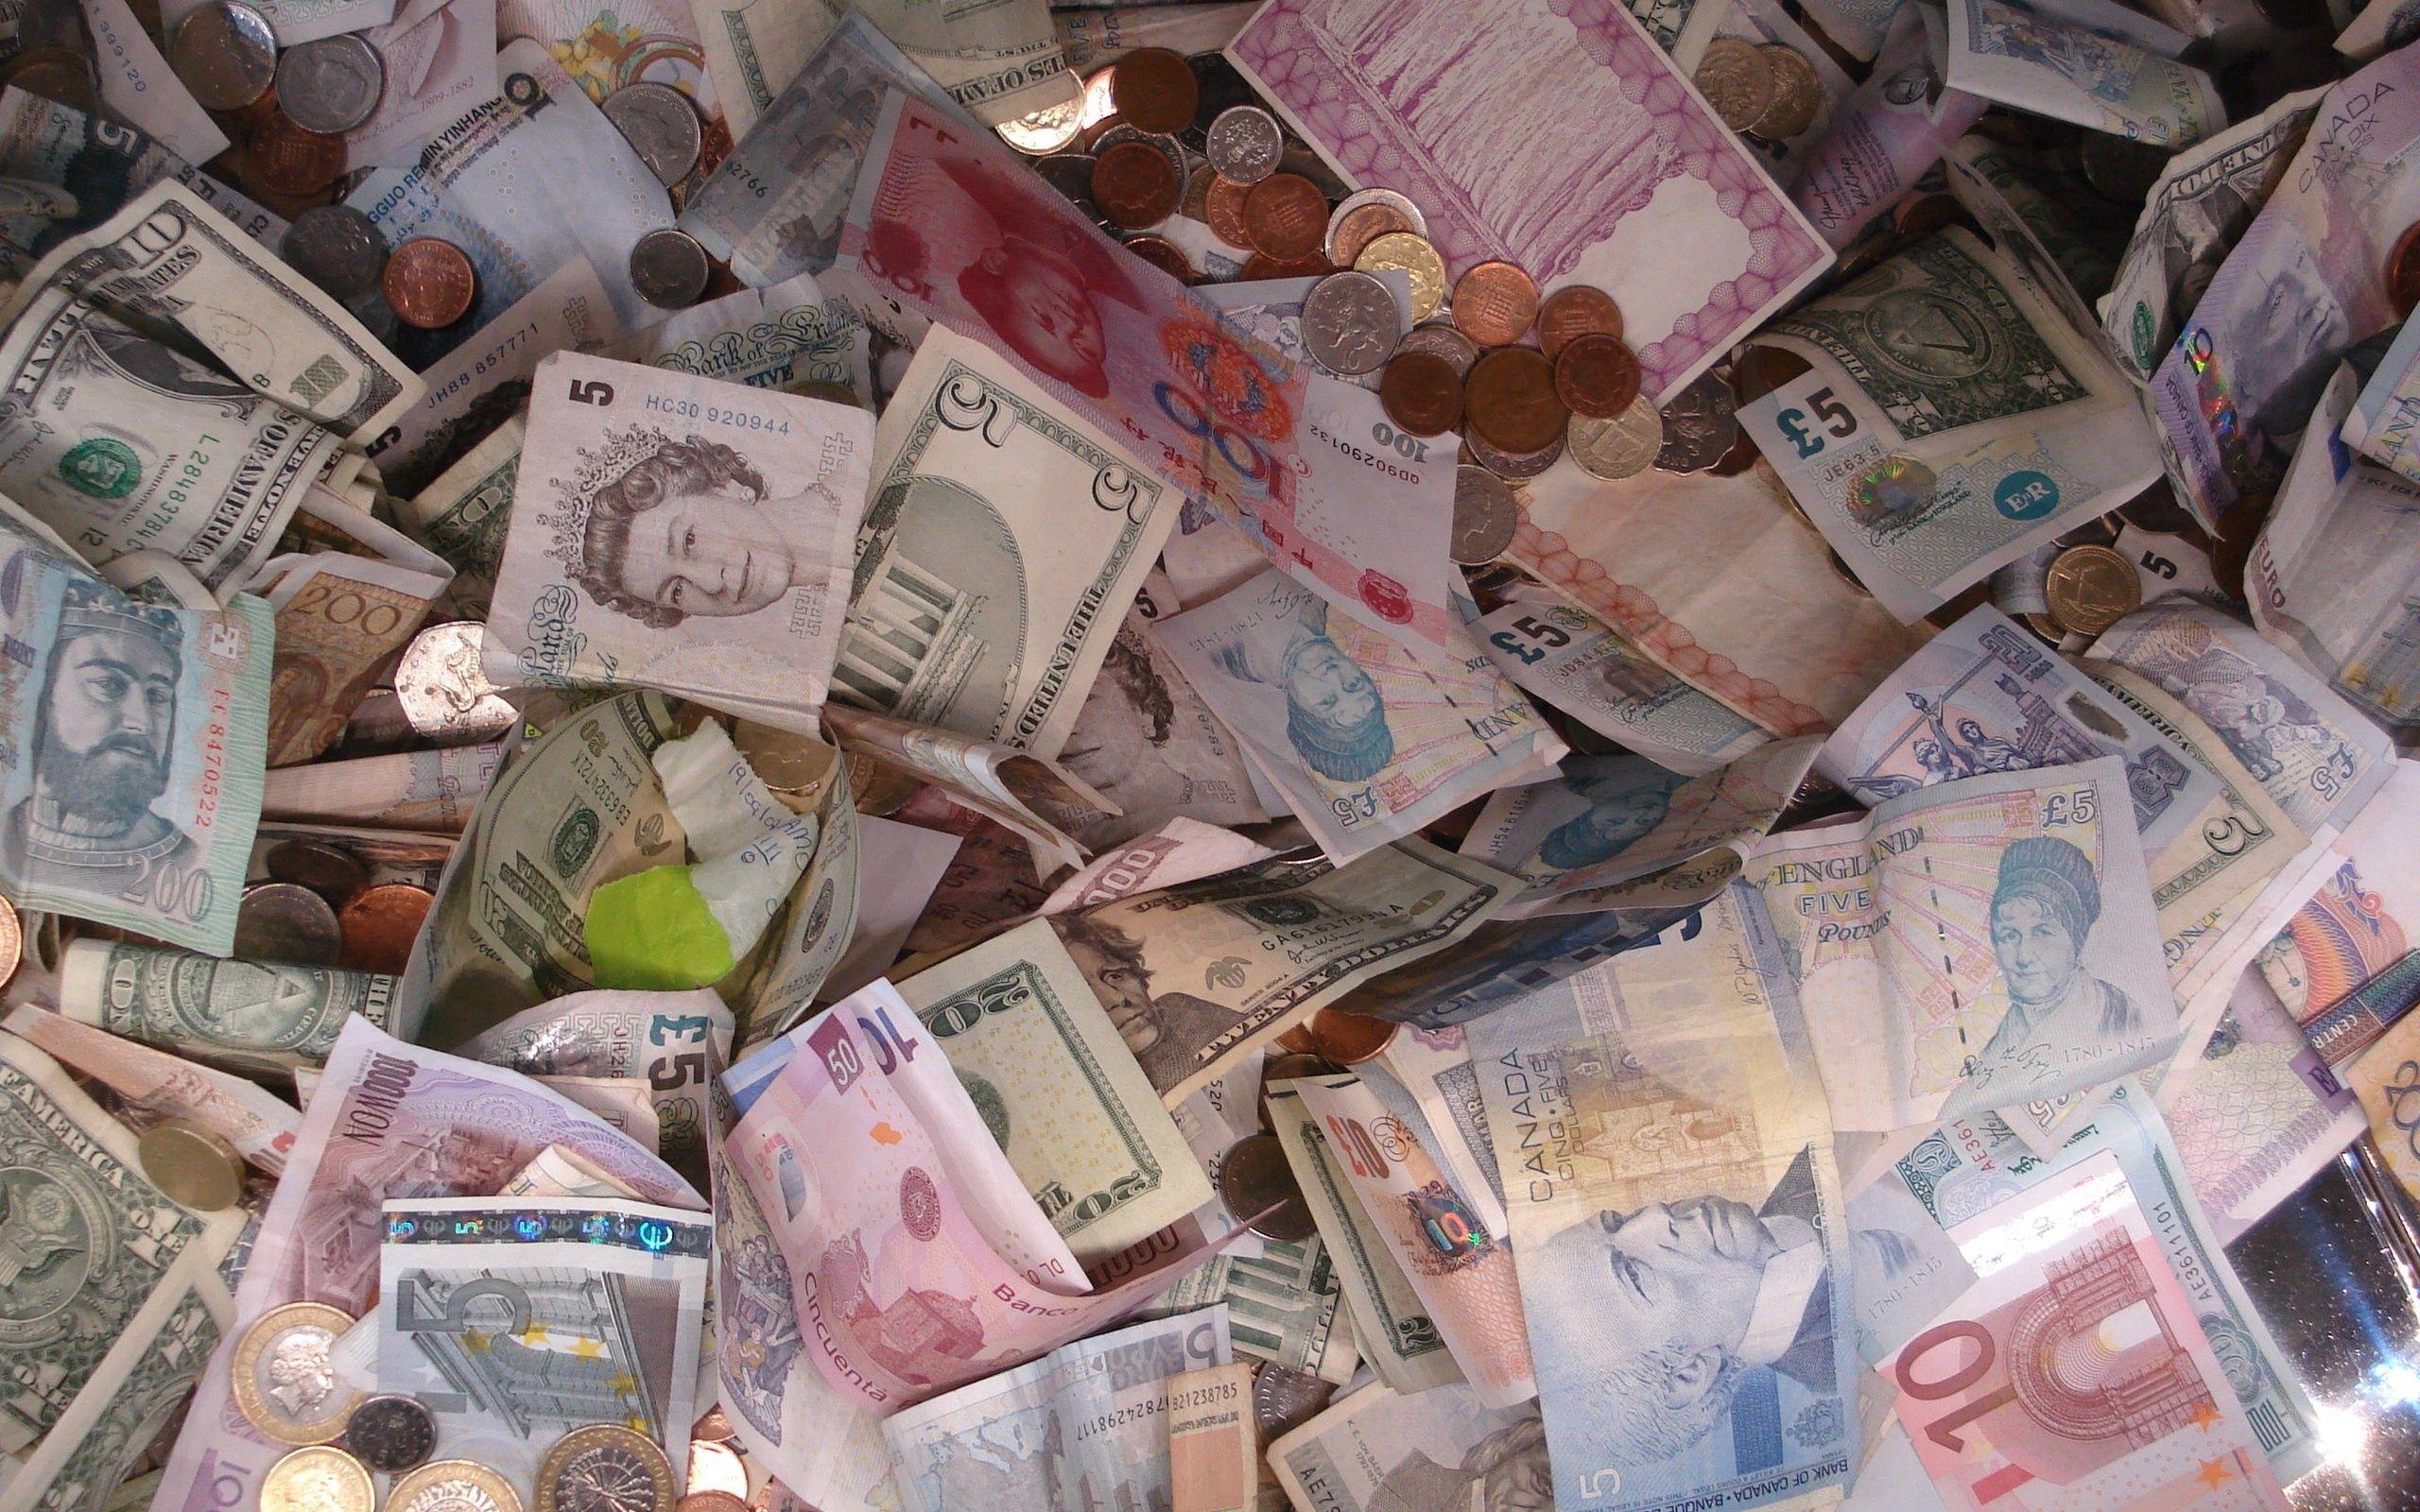 155085 Заставки и Обои Деньги на телефон. Скачать Деньги, Купюры, Разное, Бумага, Множество картинки бесплатно